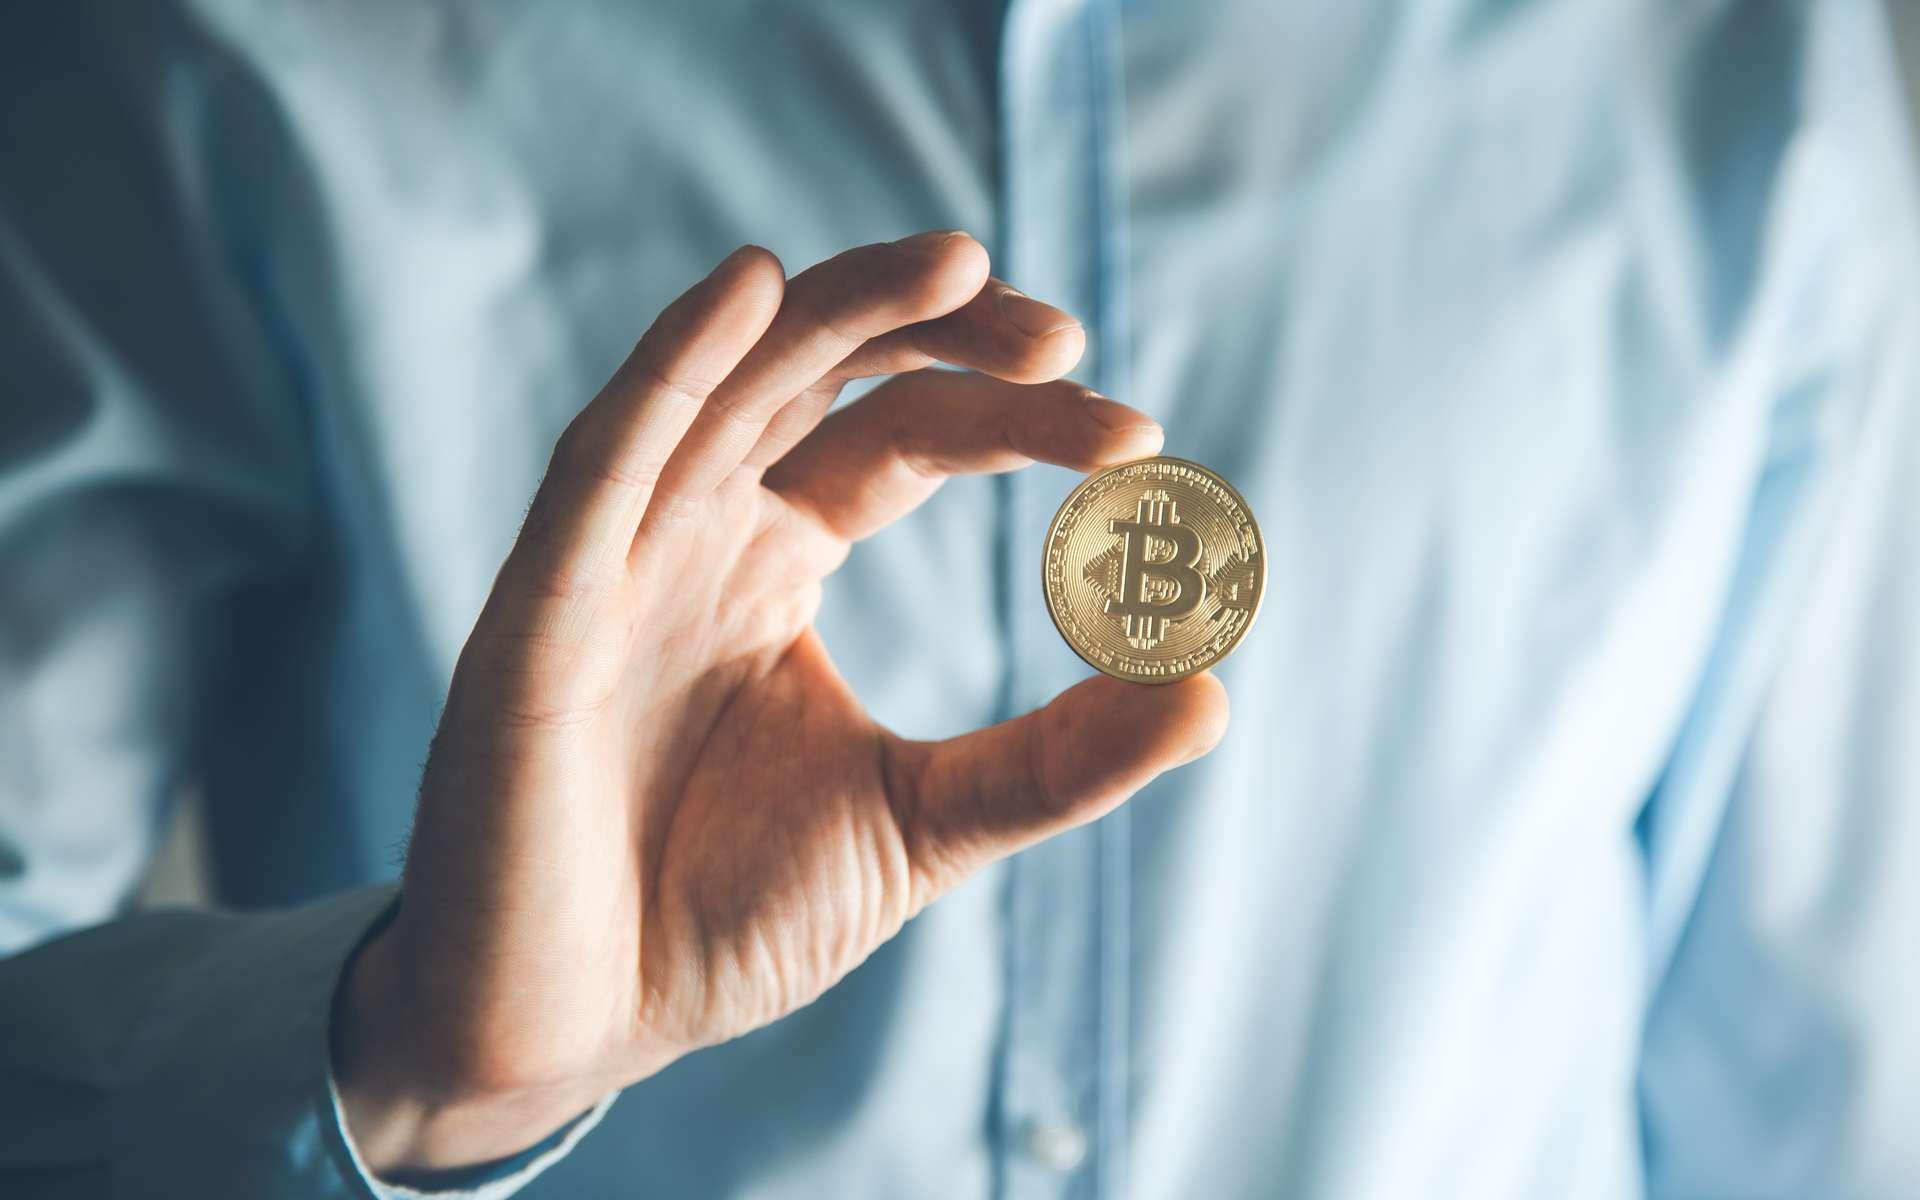 Pourquoi le Bitcoin (BTC) est-il toujours si populaire ? © Tiko, Adobe Stock